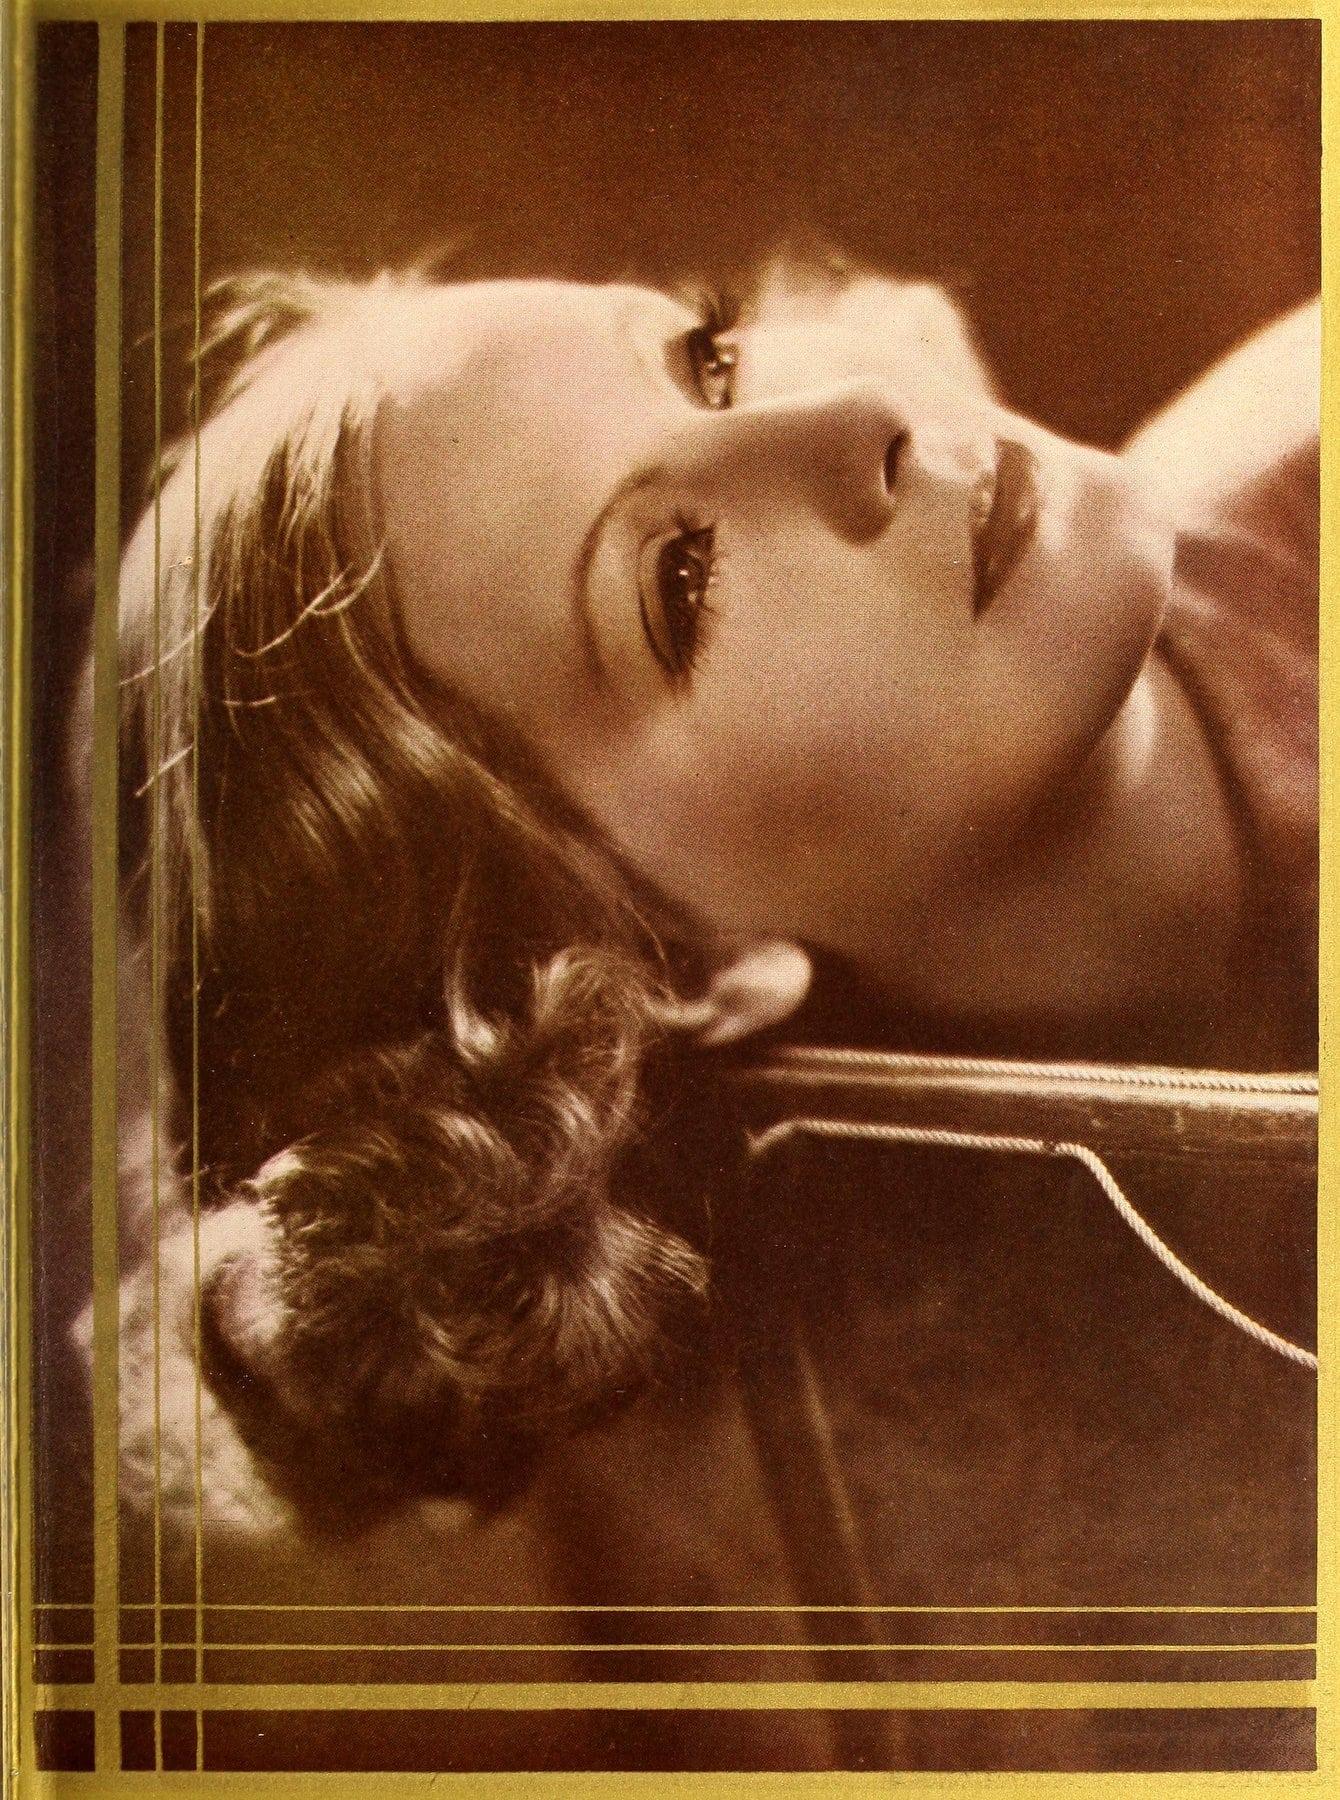 Greta Garbo in 1931